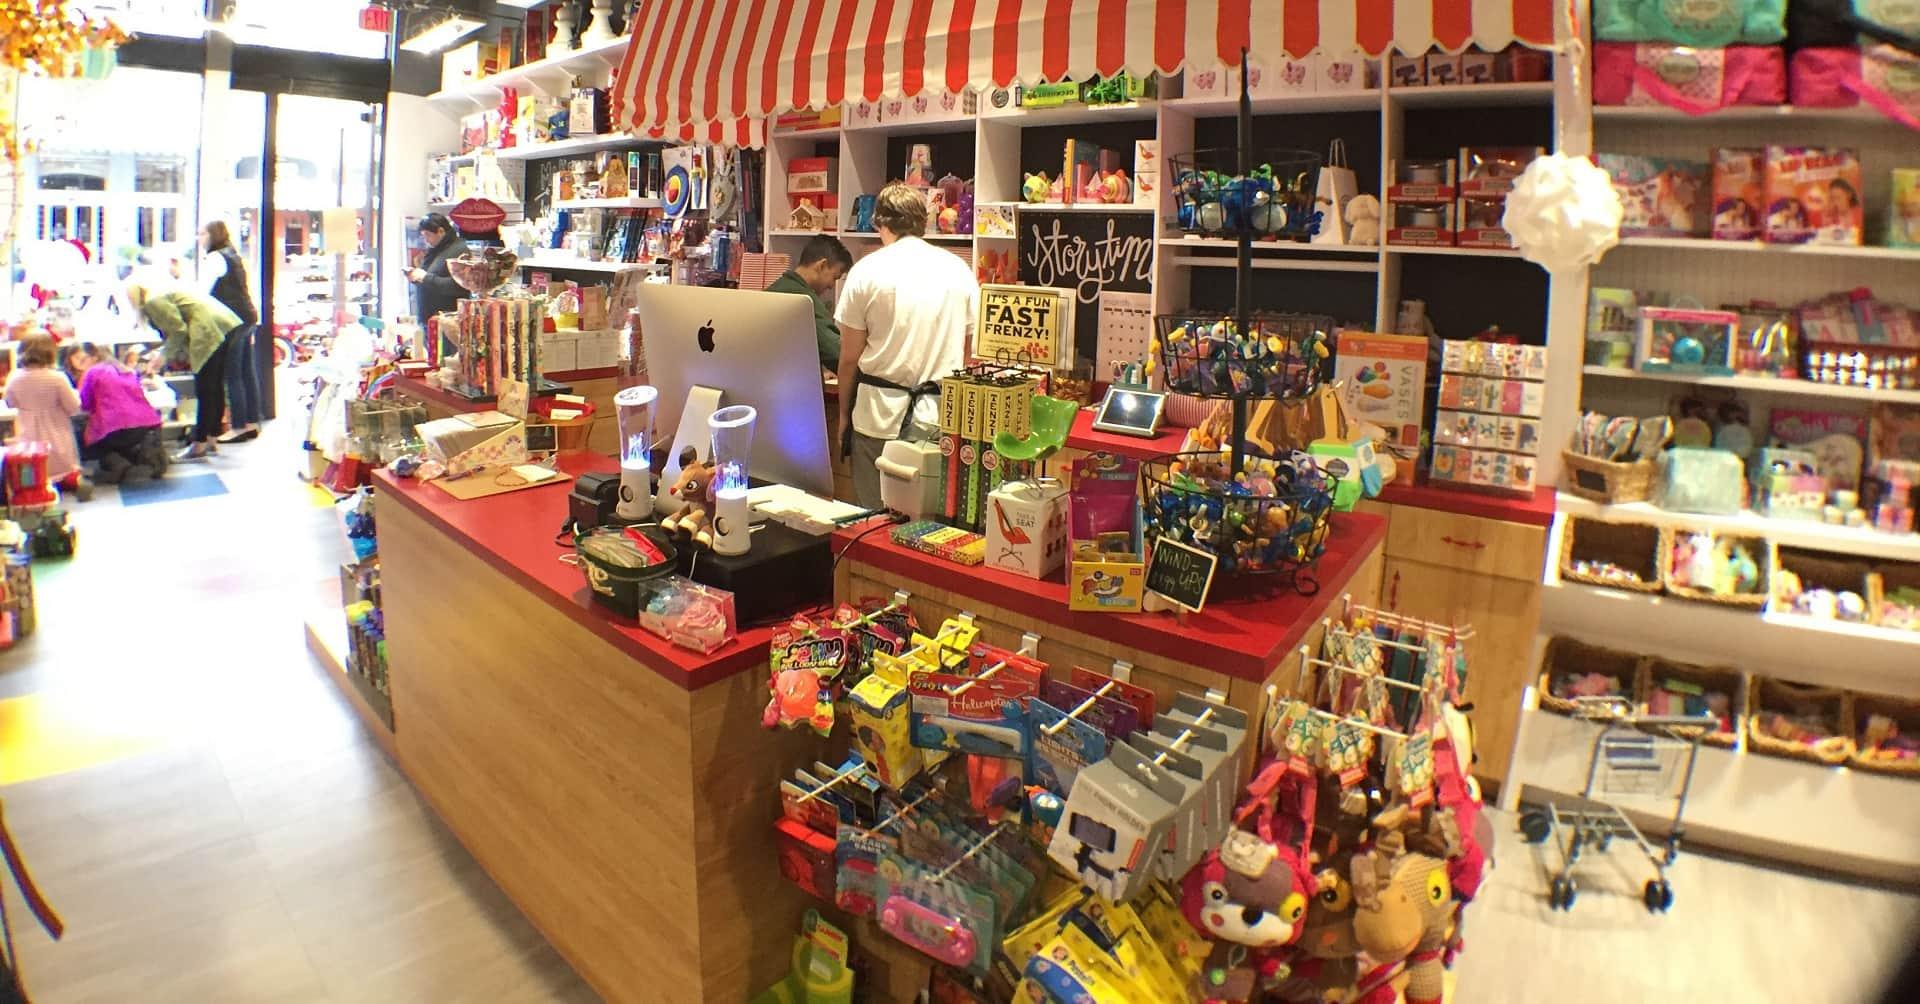 Bí kíp tiết kiệm tối đa chi phí quản lý cho cửa hàng kinh doanh đồ chơi trẻ em